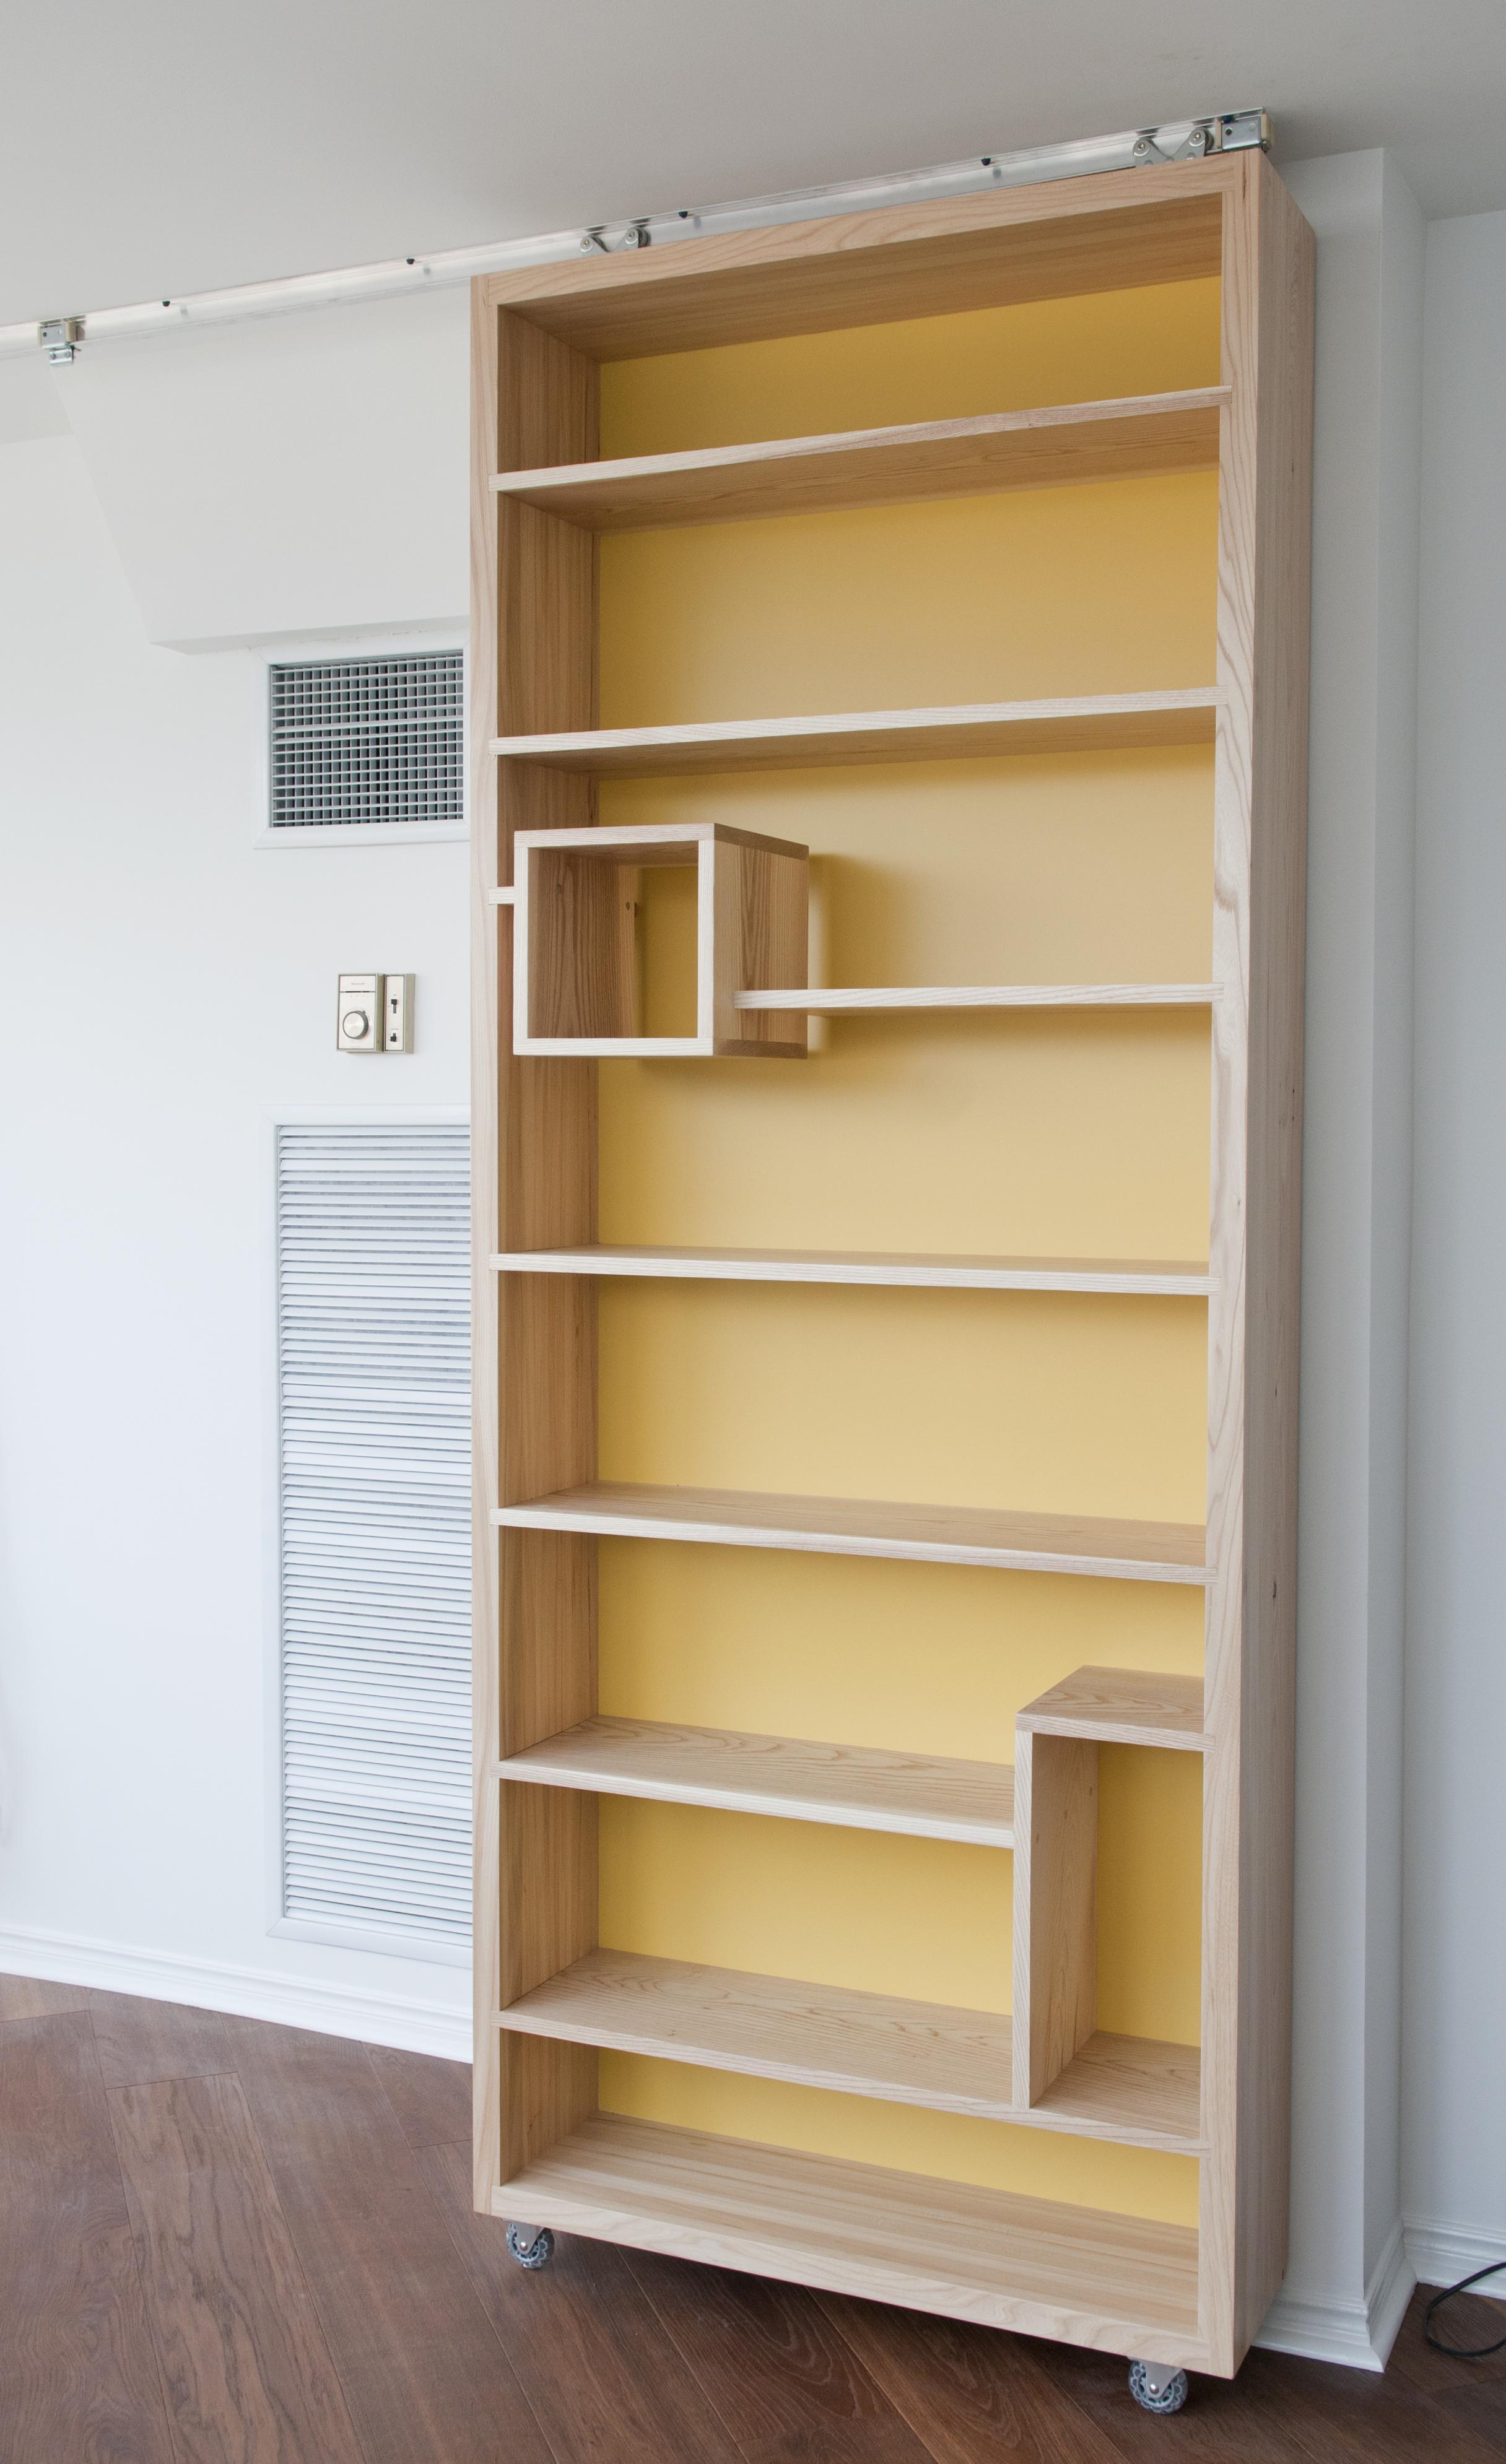 sliding_bookshelf_custom_project.jpg